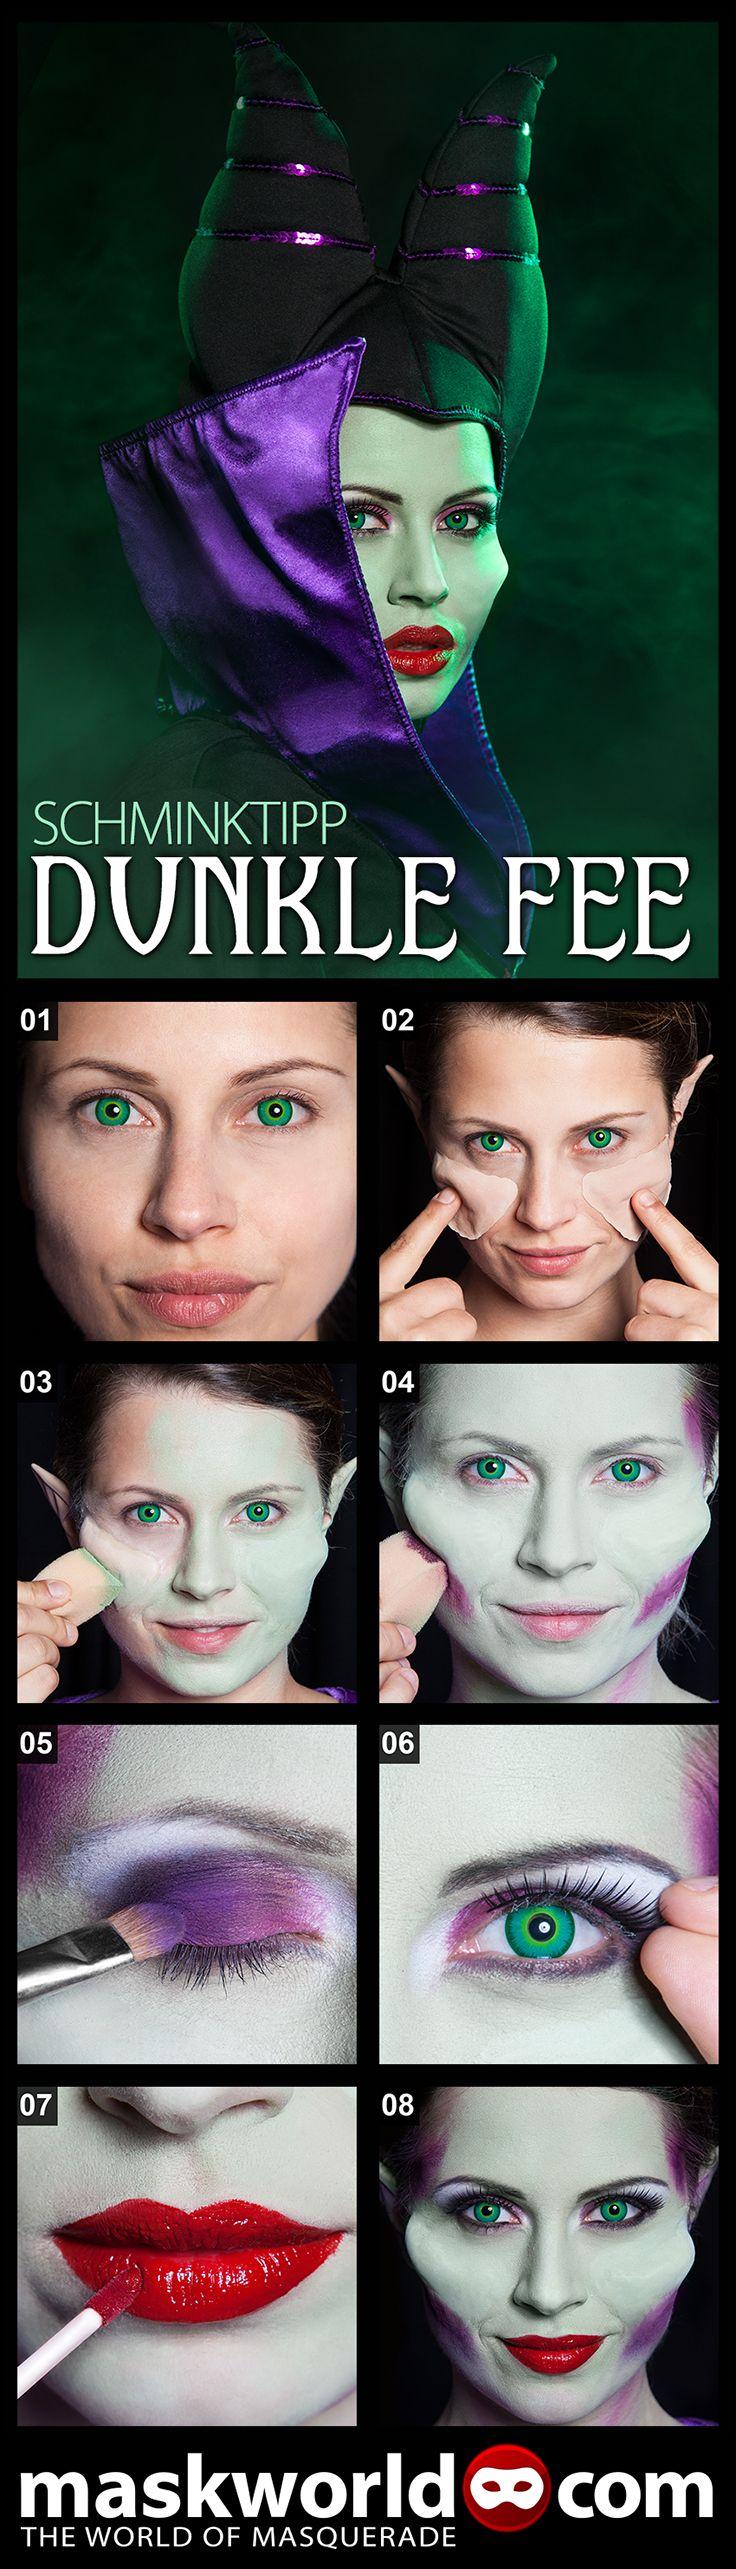 Schminktipp Dunkle Fee - Schmink Dich mit diesem Make-up Tutorial wie Disneys Maleficent!